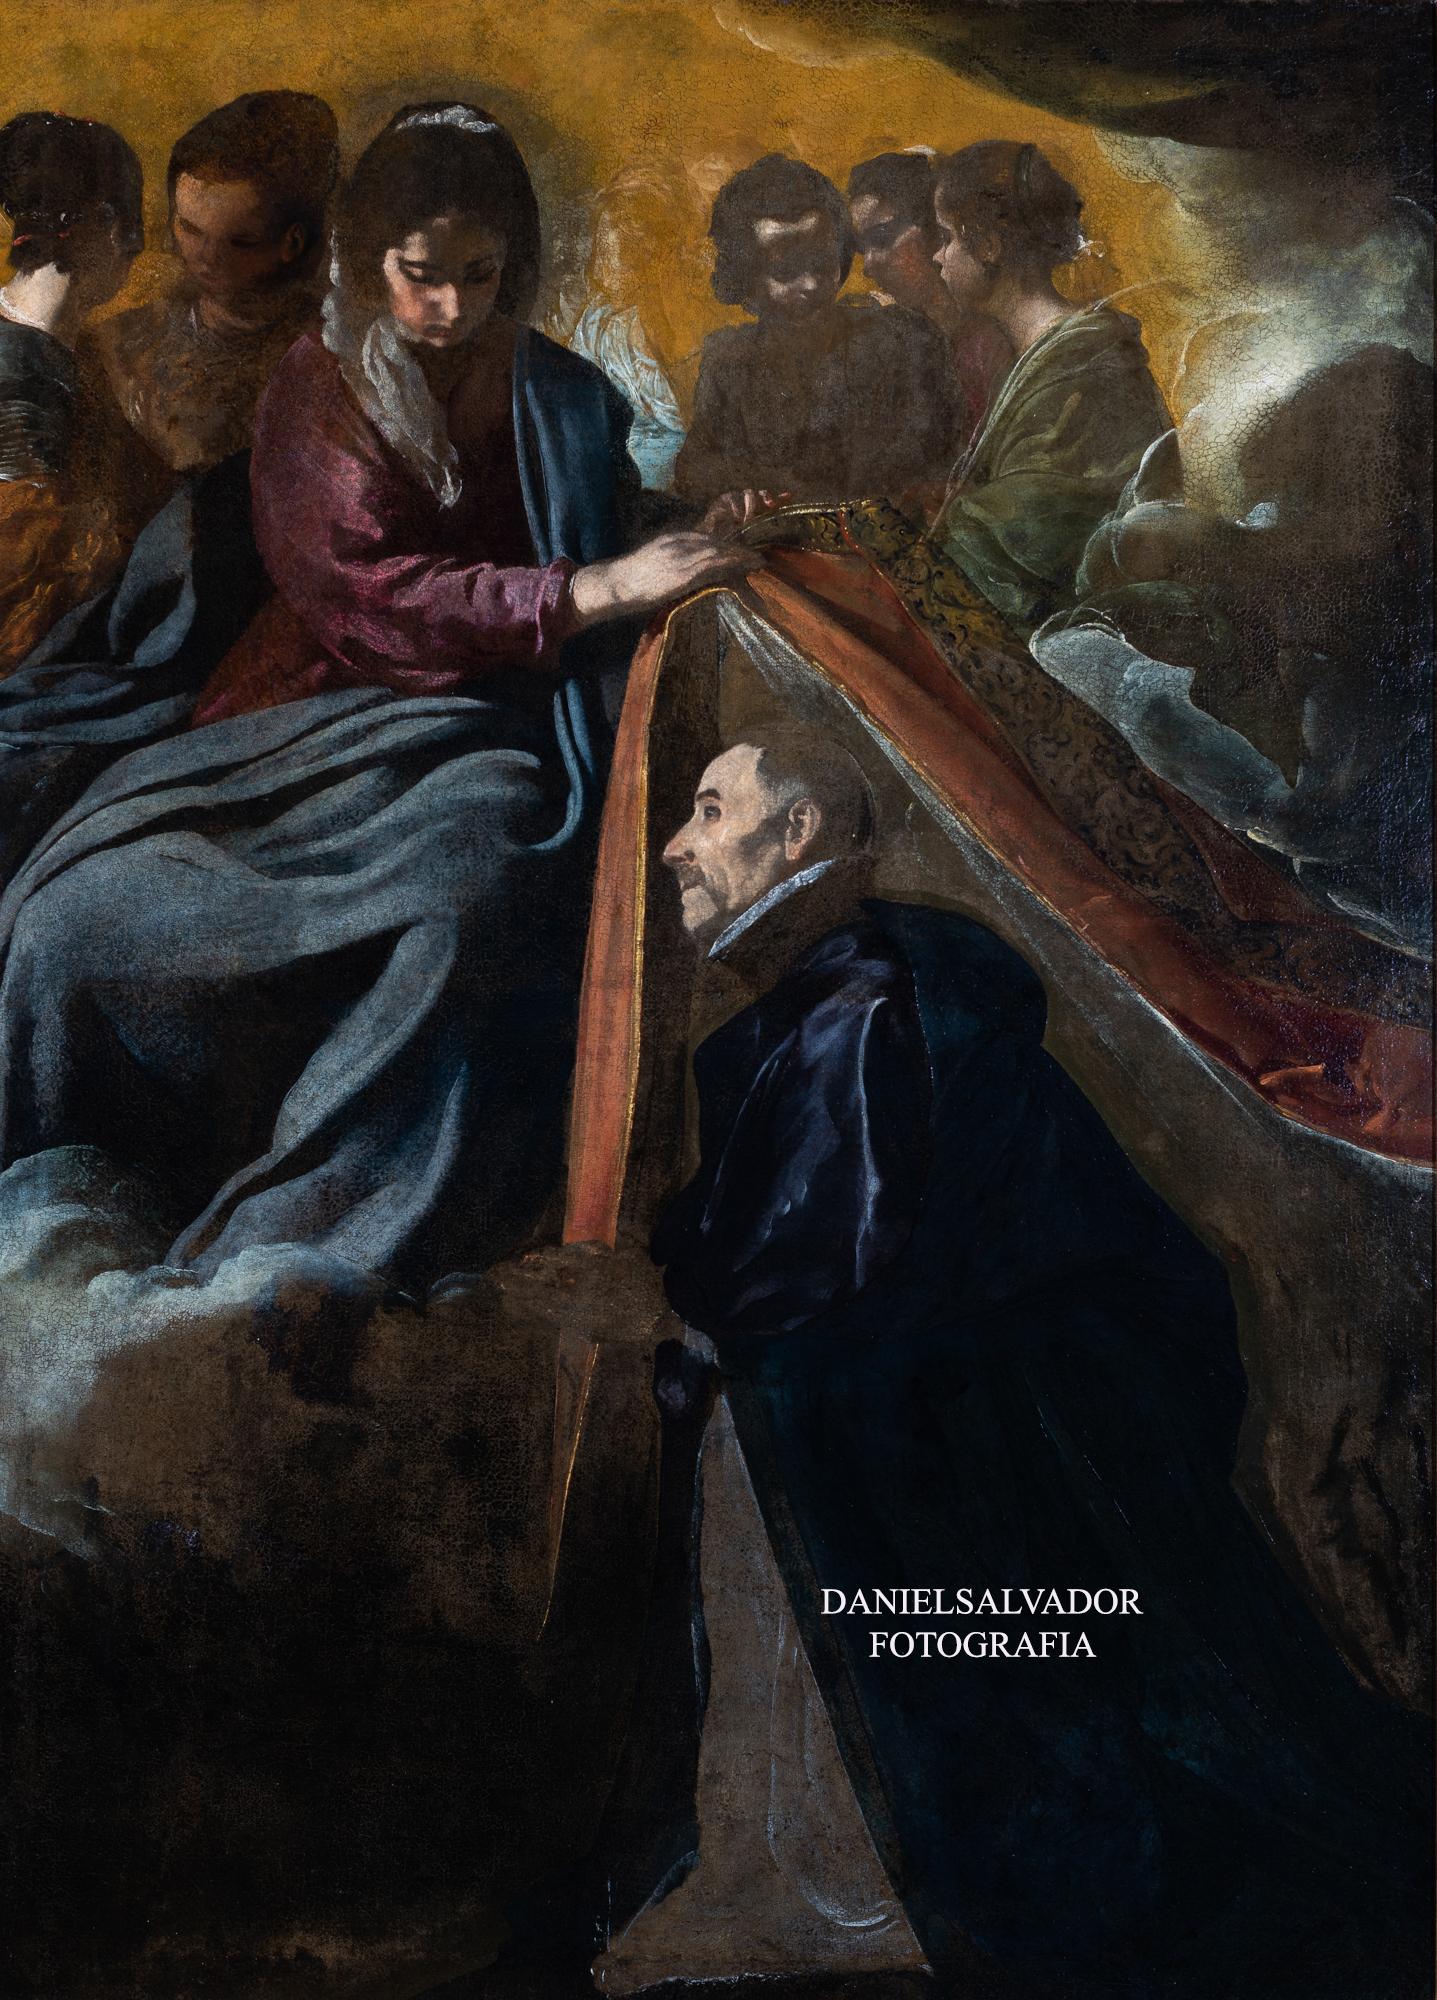 Imposición de la casulla a San Ildefonso. Diego Velázquez. Fundación Focus